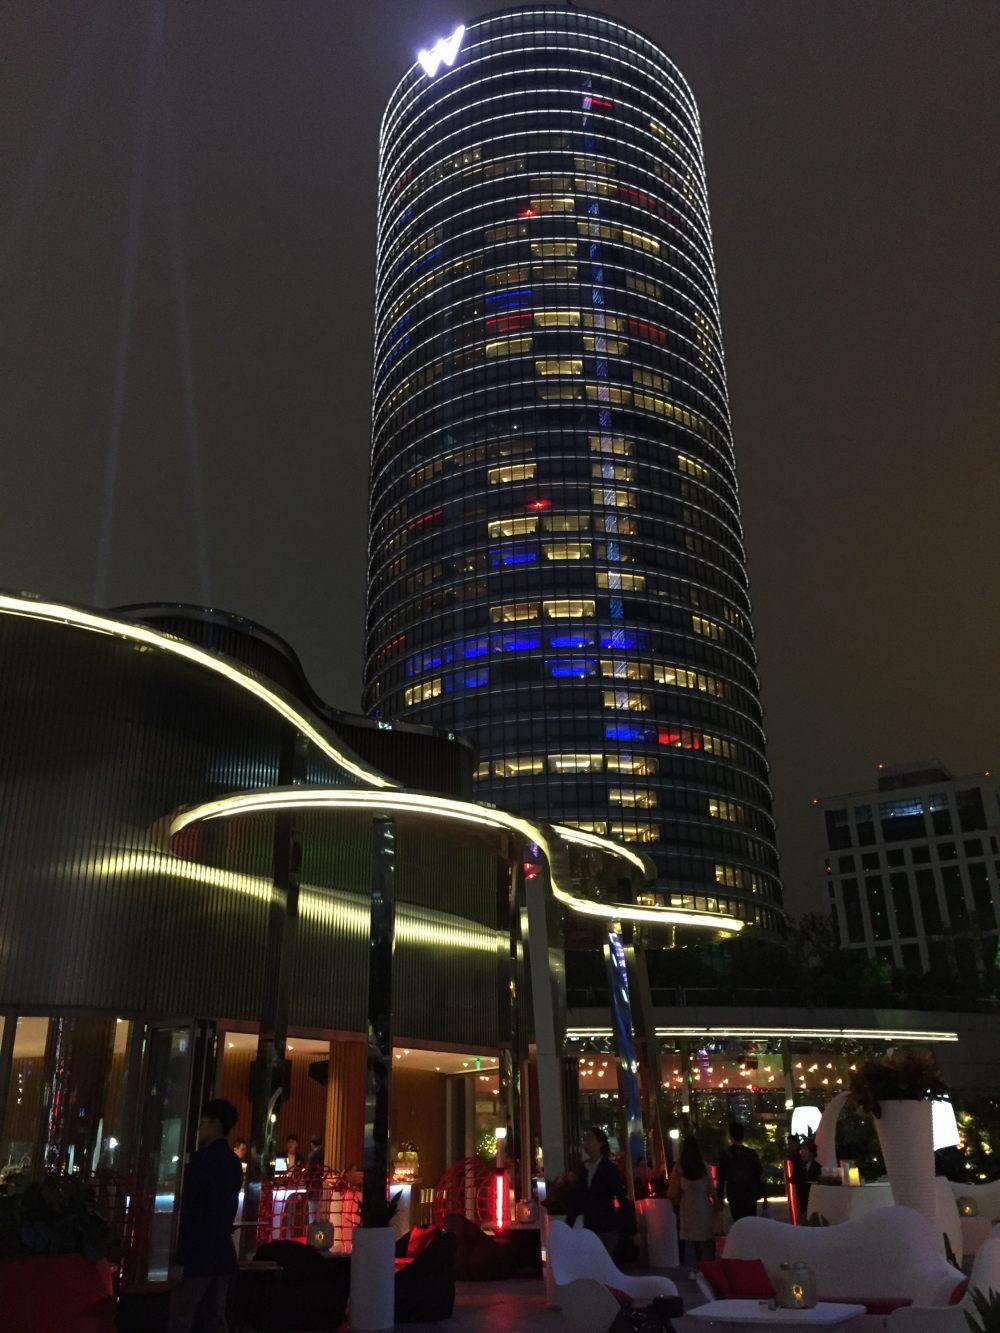 上海外滩W酒店,史上最全入住体验 自拍分享,申请置...._IMG_5890.JPG